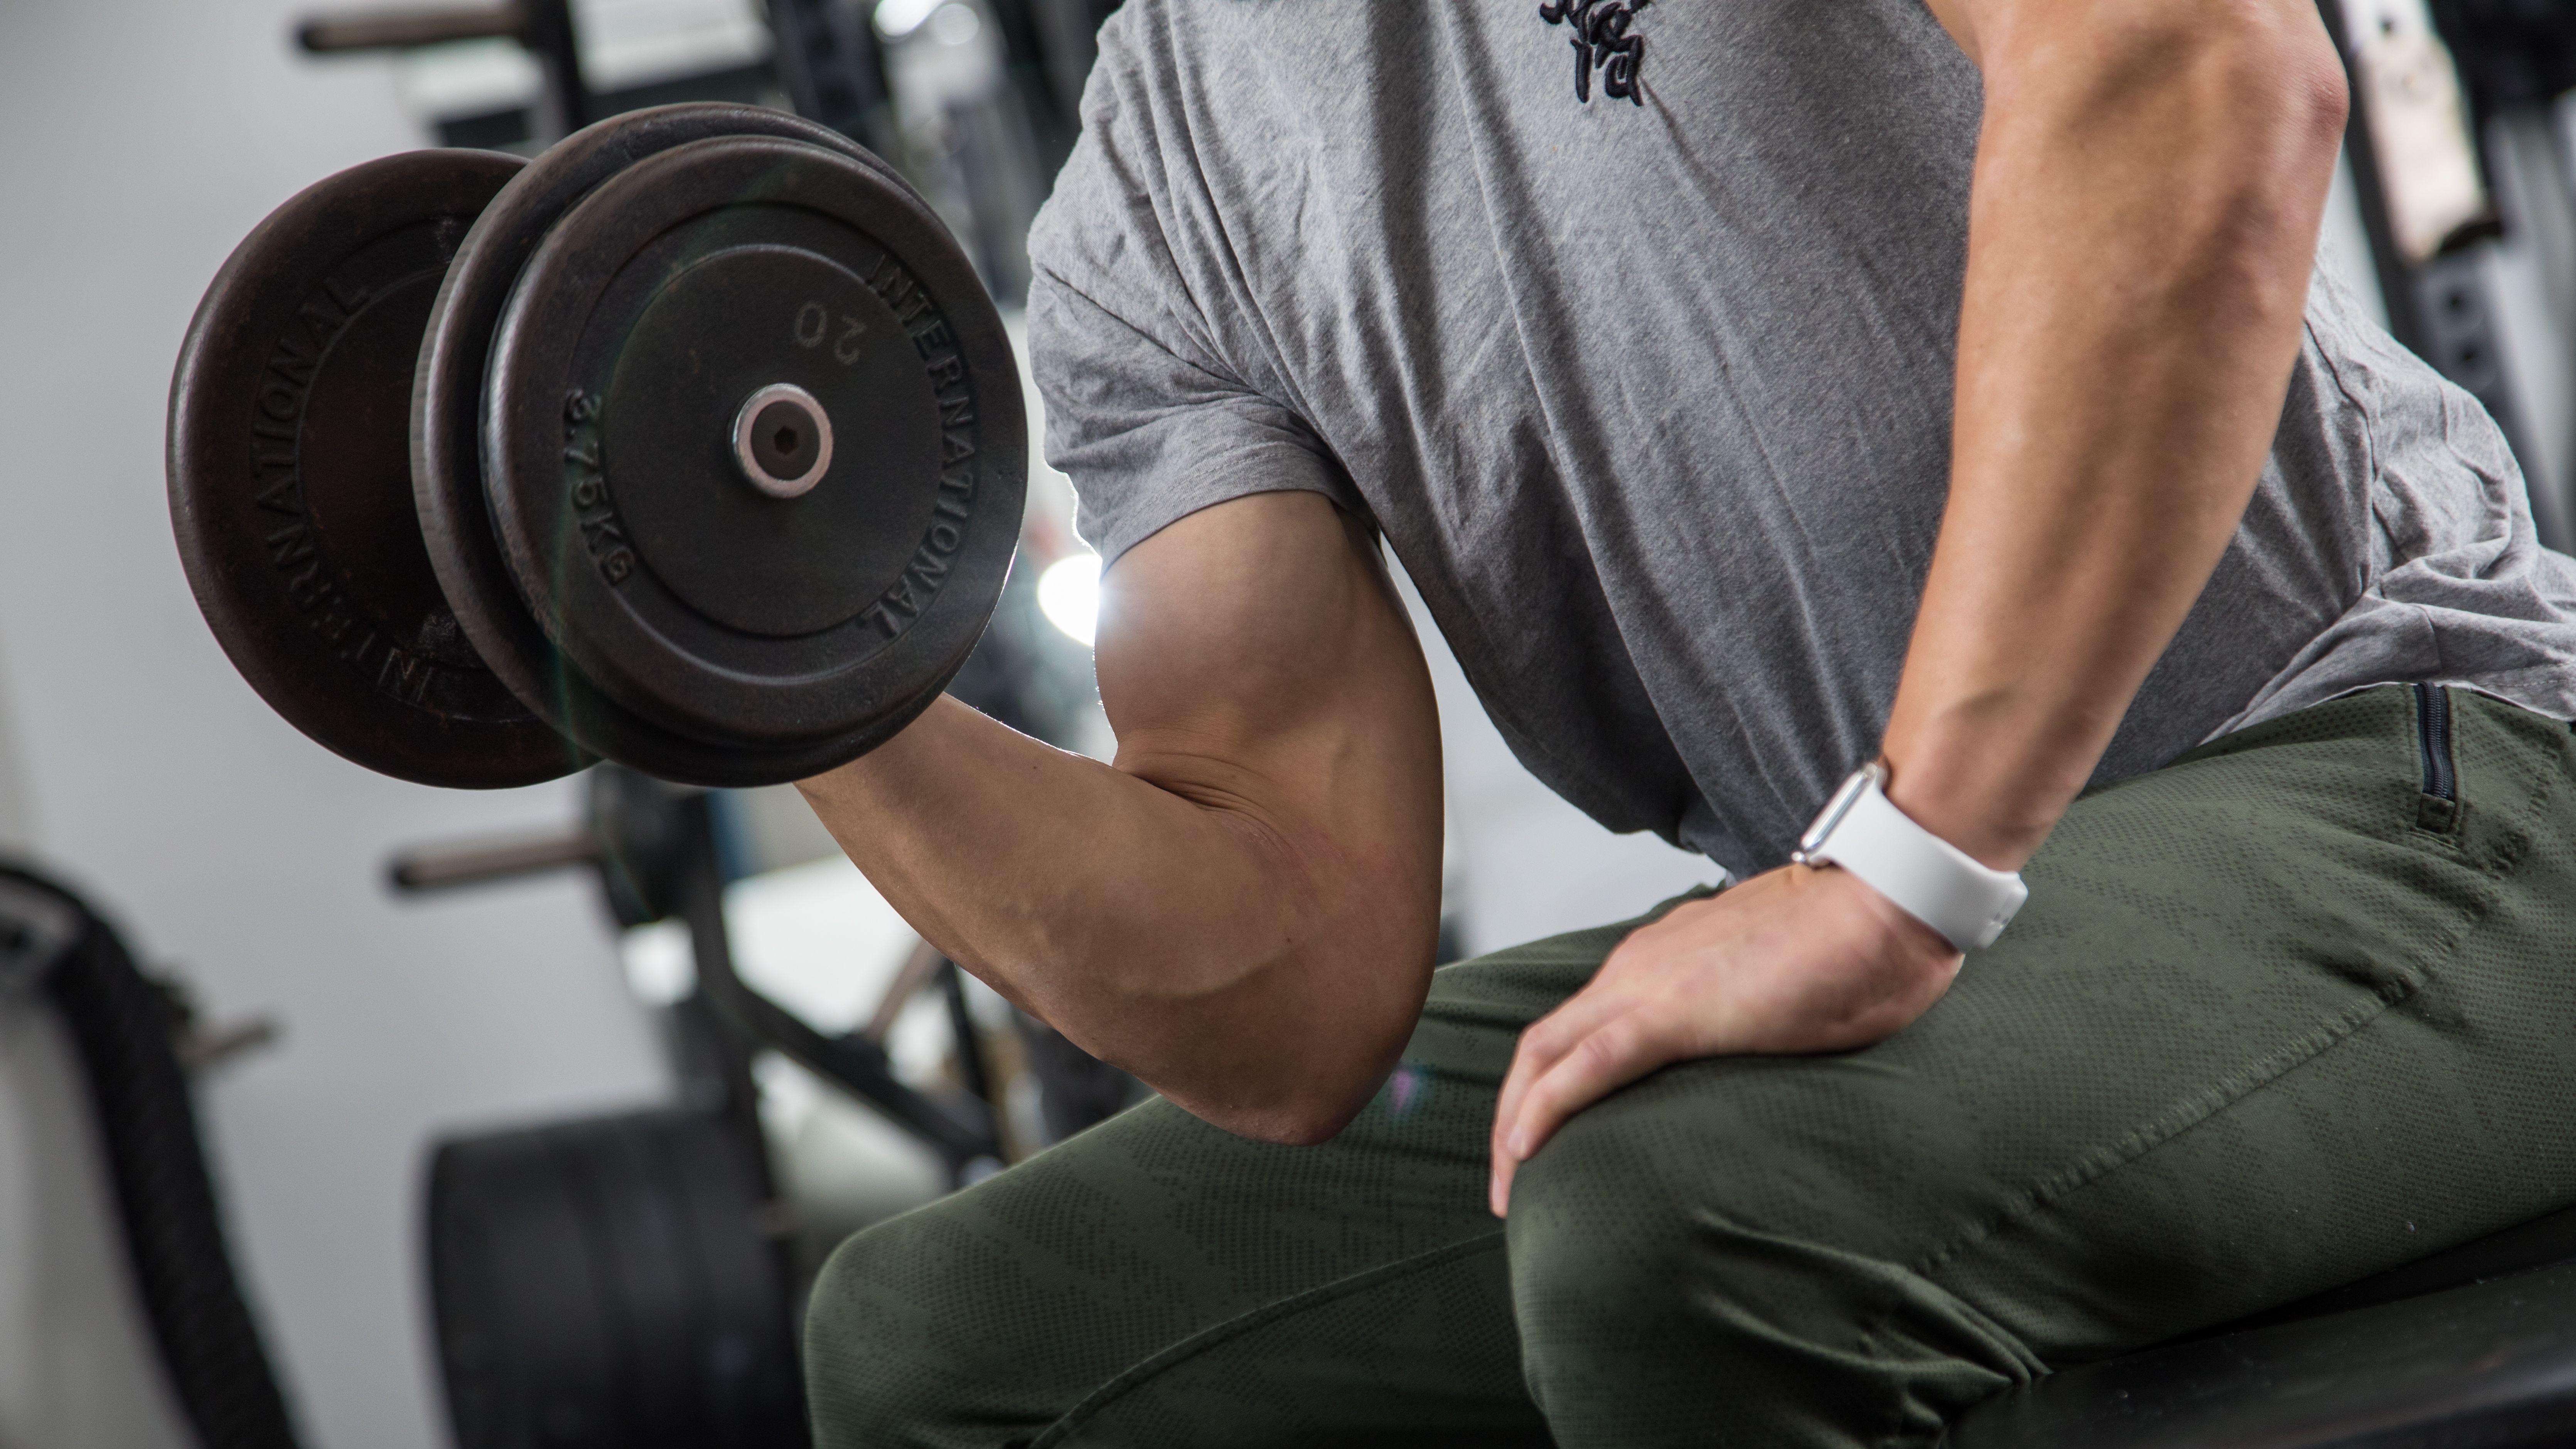 Ein Mann trainiert in einem Sportstudio mit einem Gewicht